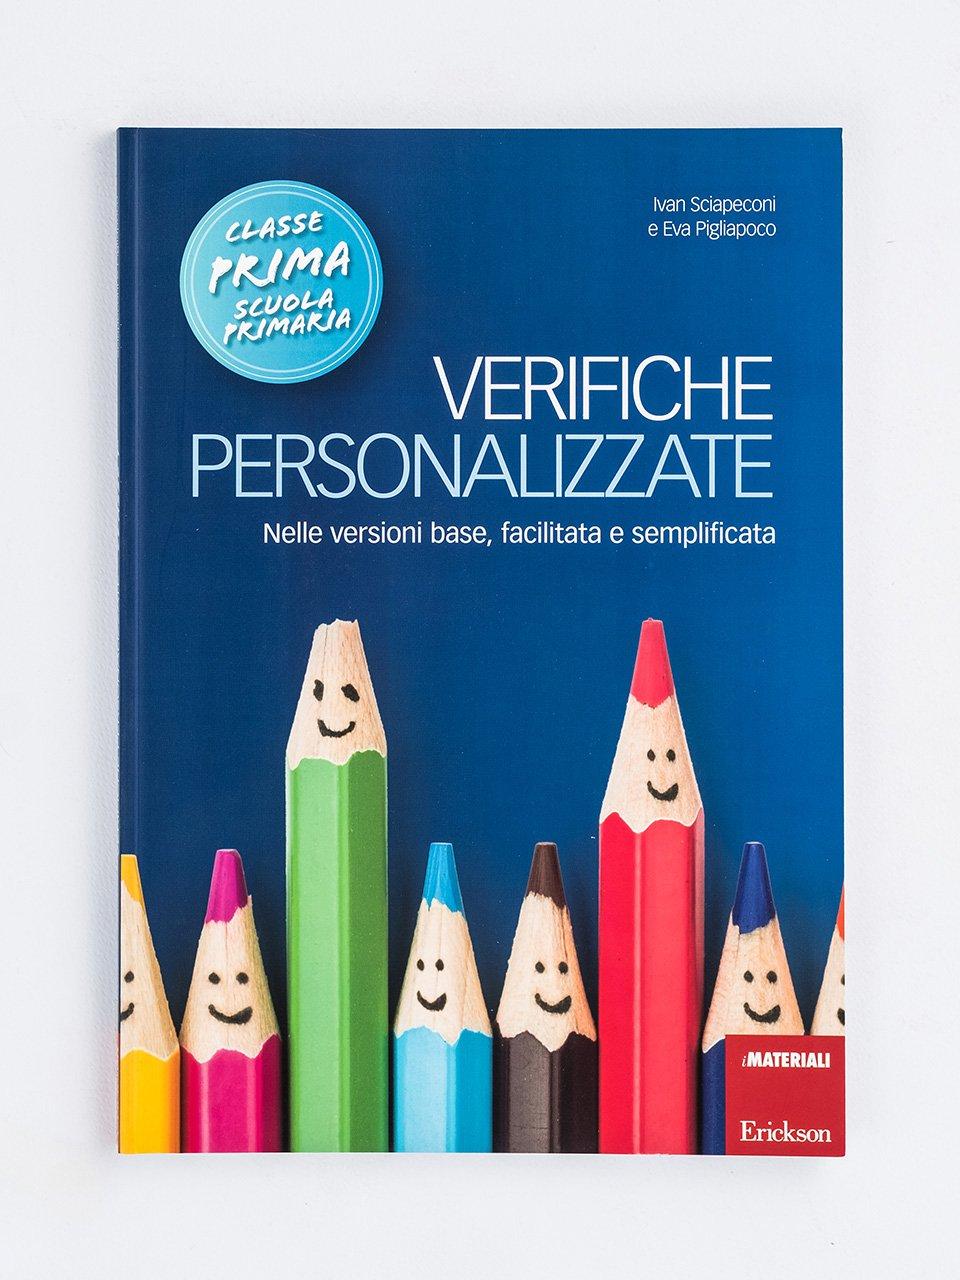 Verifiche personalizzate - Classe prima - La valutazione inclusiva - Formazione - Erickson